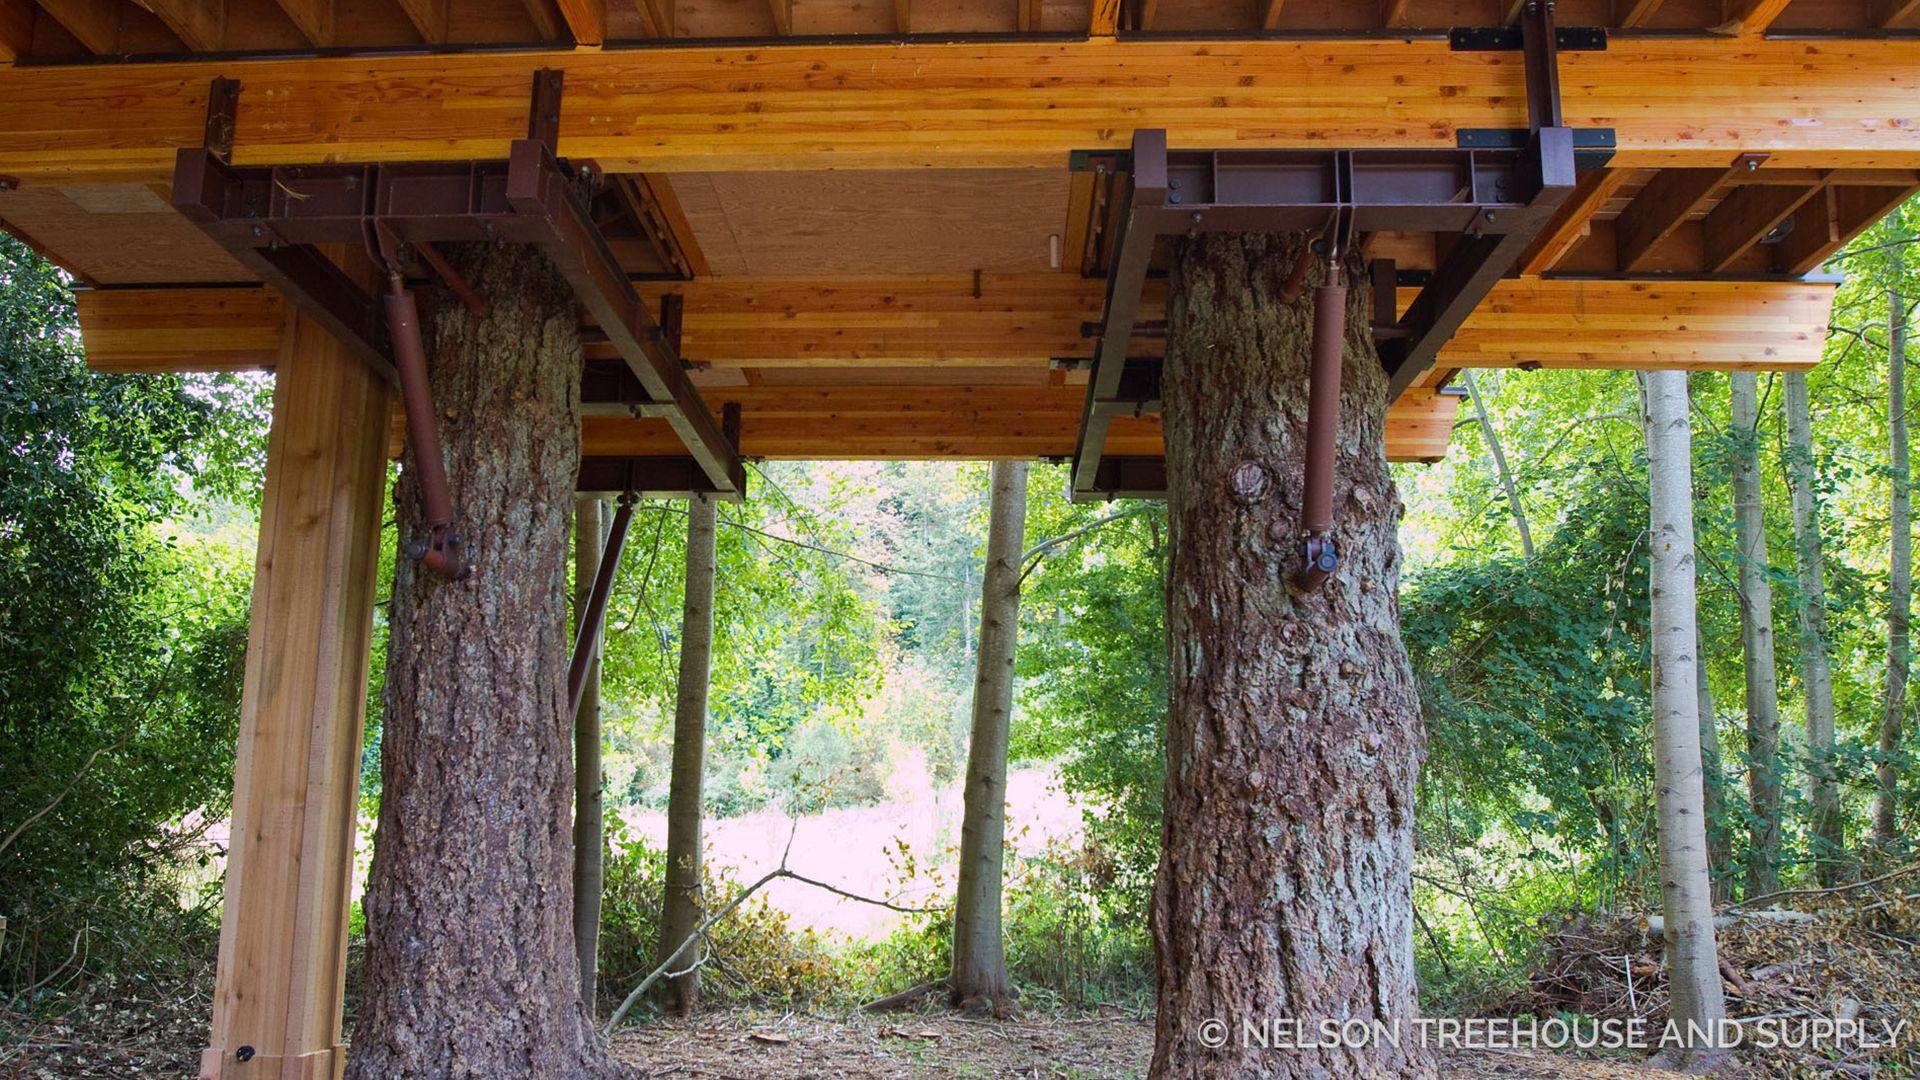 orcas island treehouse swenson say fag233t